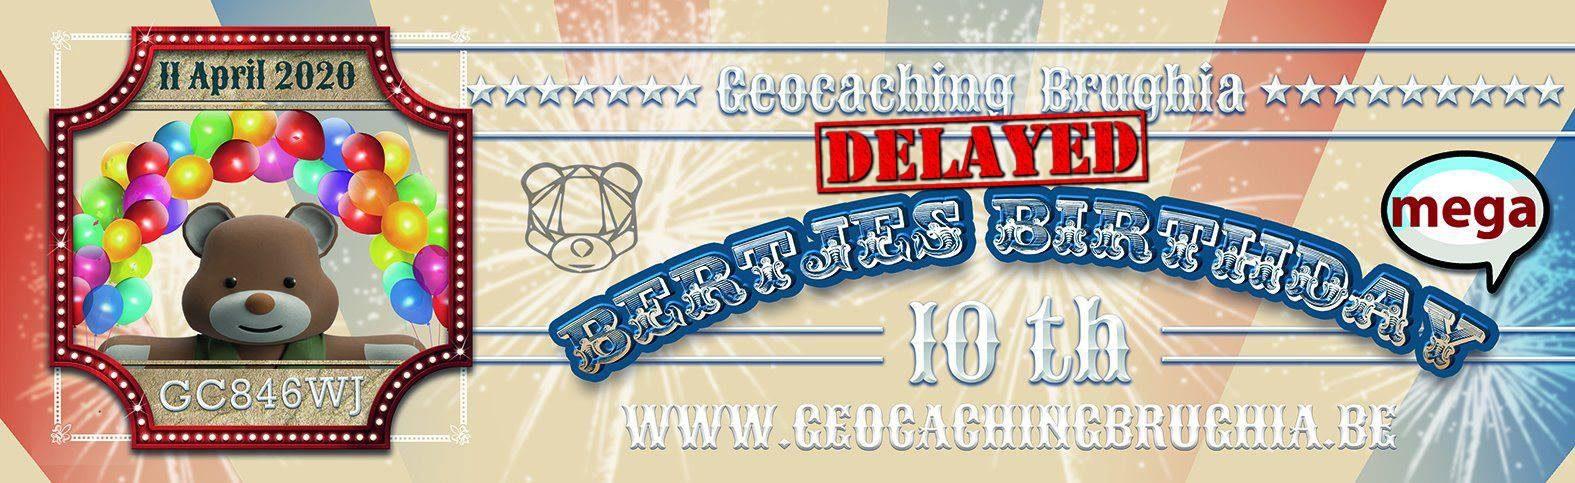 Geocaching Brughia vzw